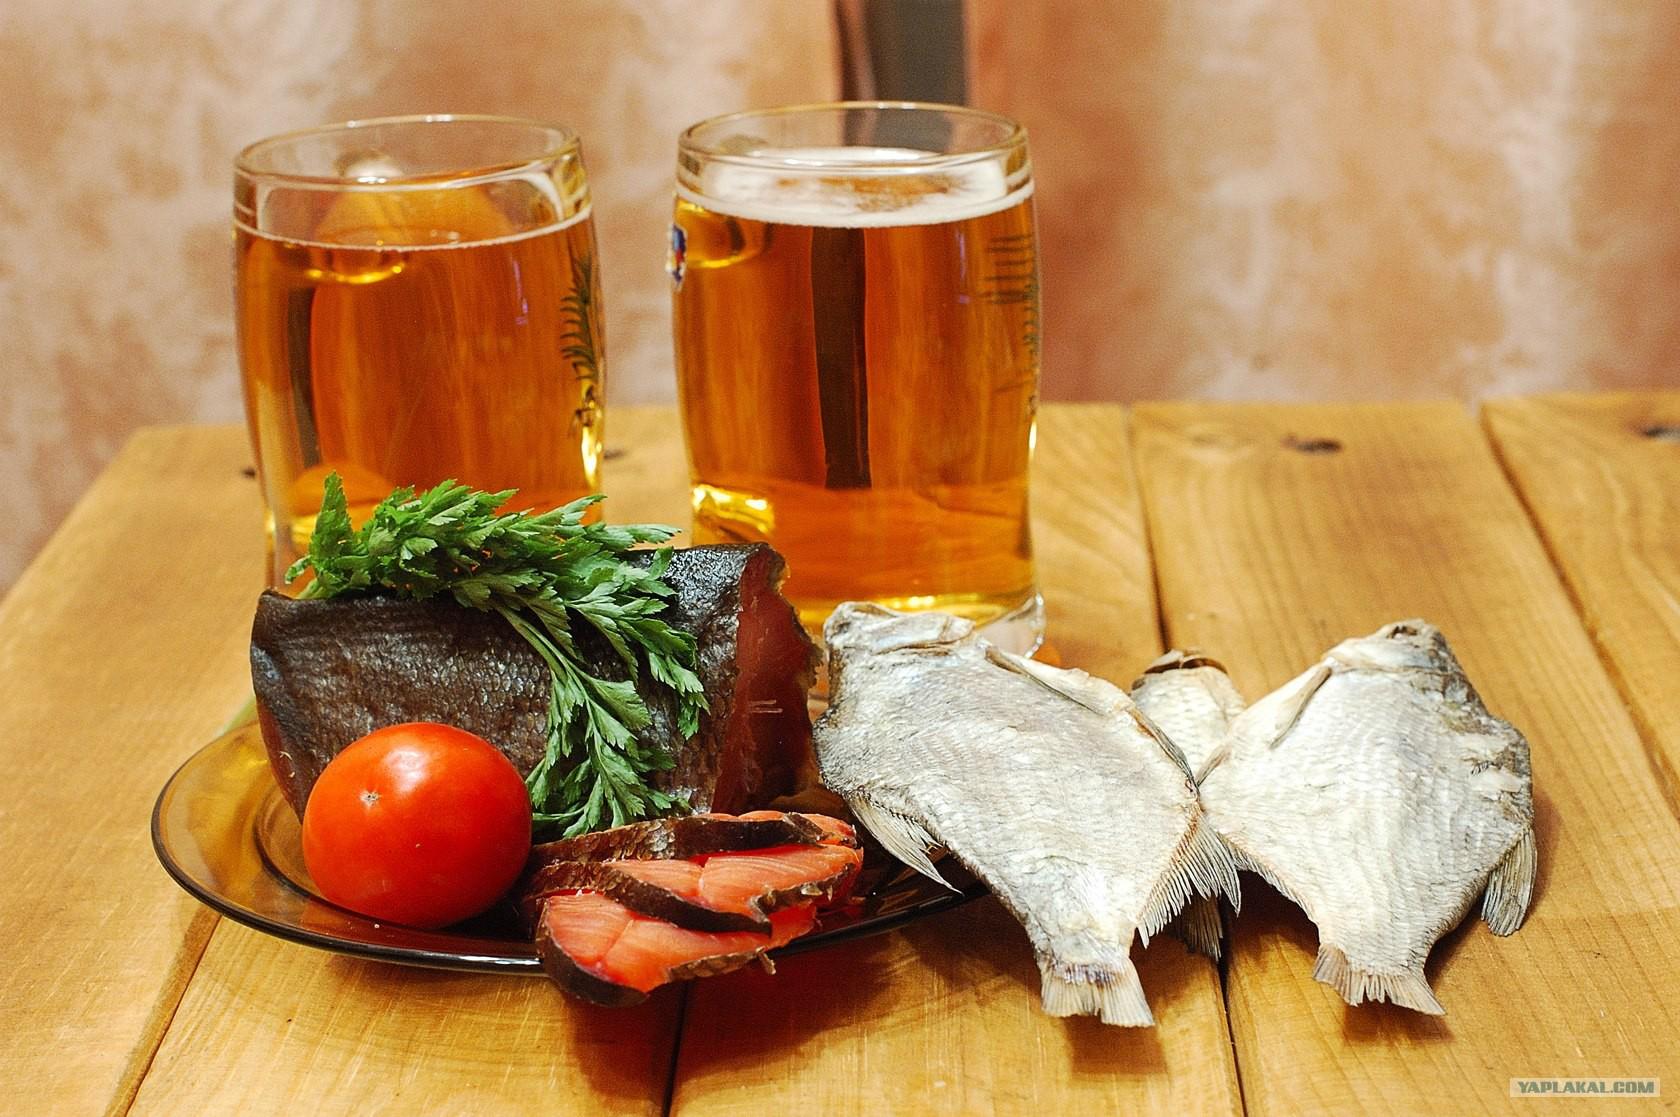 красивые картинки с пивом и рыбой есть другие